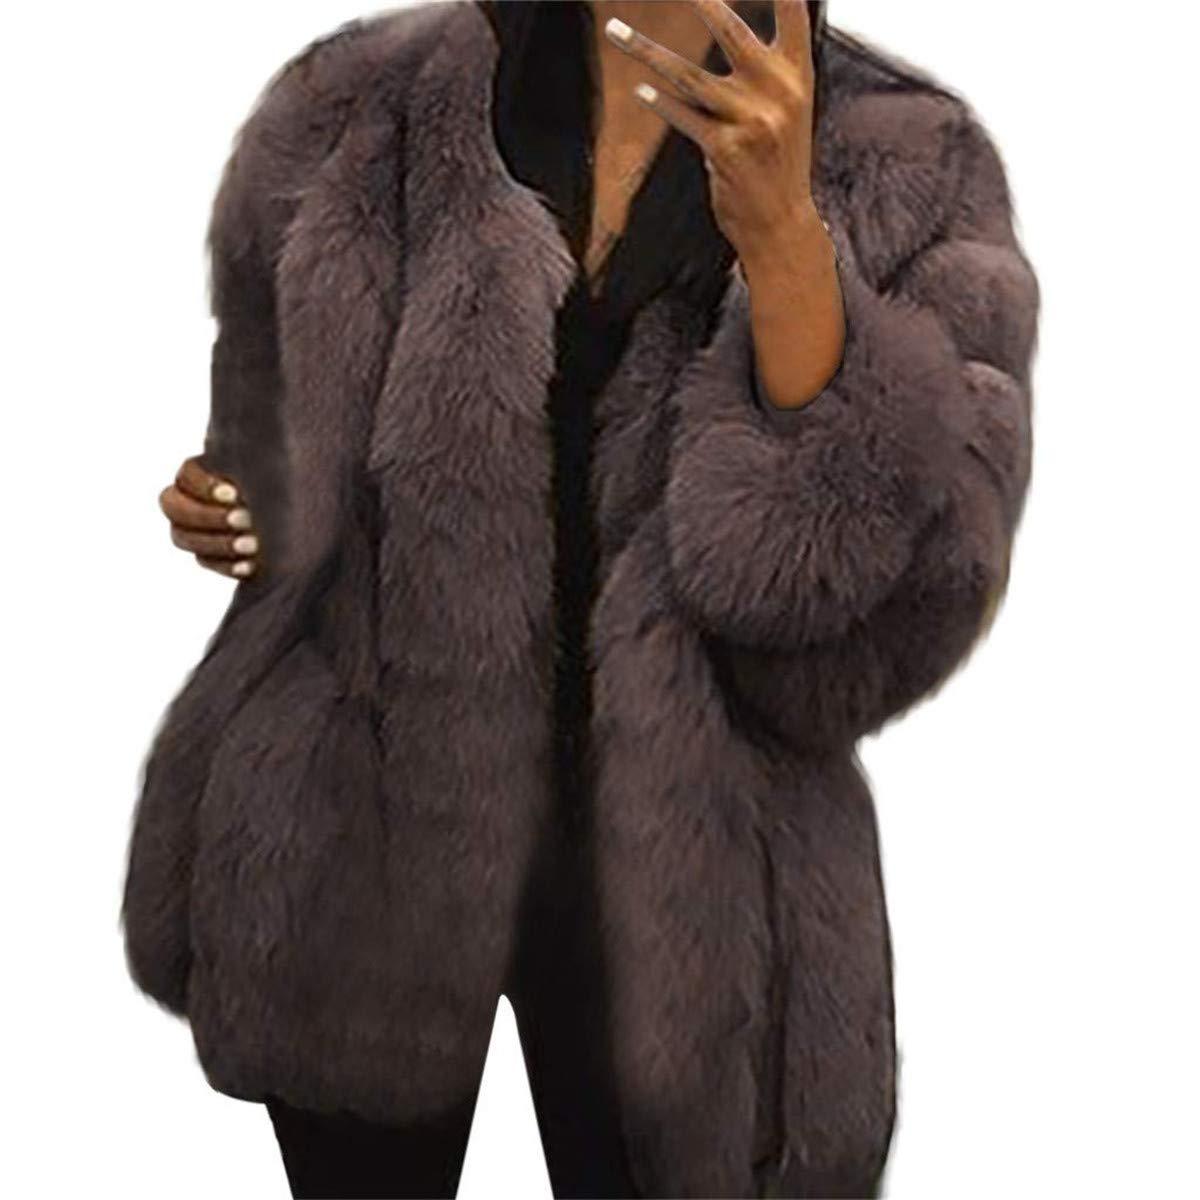 Coffee Slaoero Women Luxury Winter Warm Fluffy Faux Fur Short Coat Parka Plus Outwear